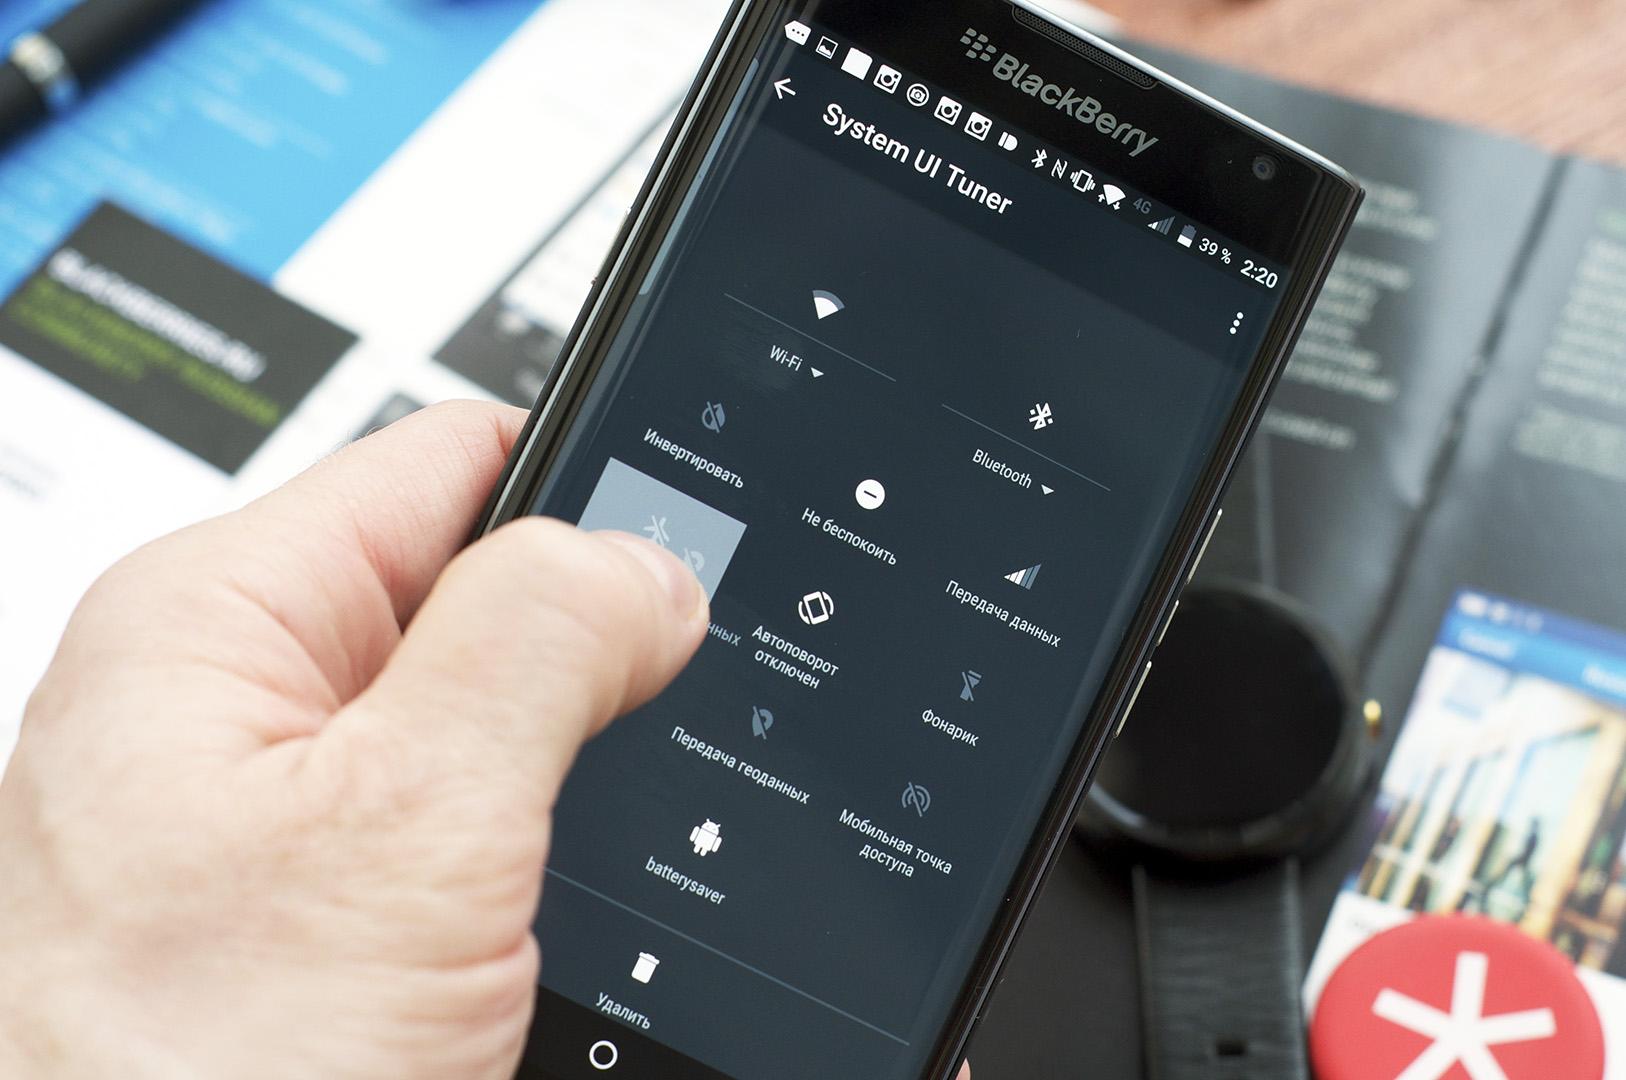 Как удалить вирус с телефона Андроид (Инструкция) 89